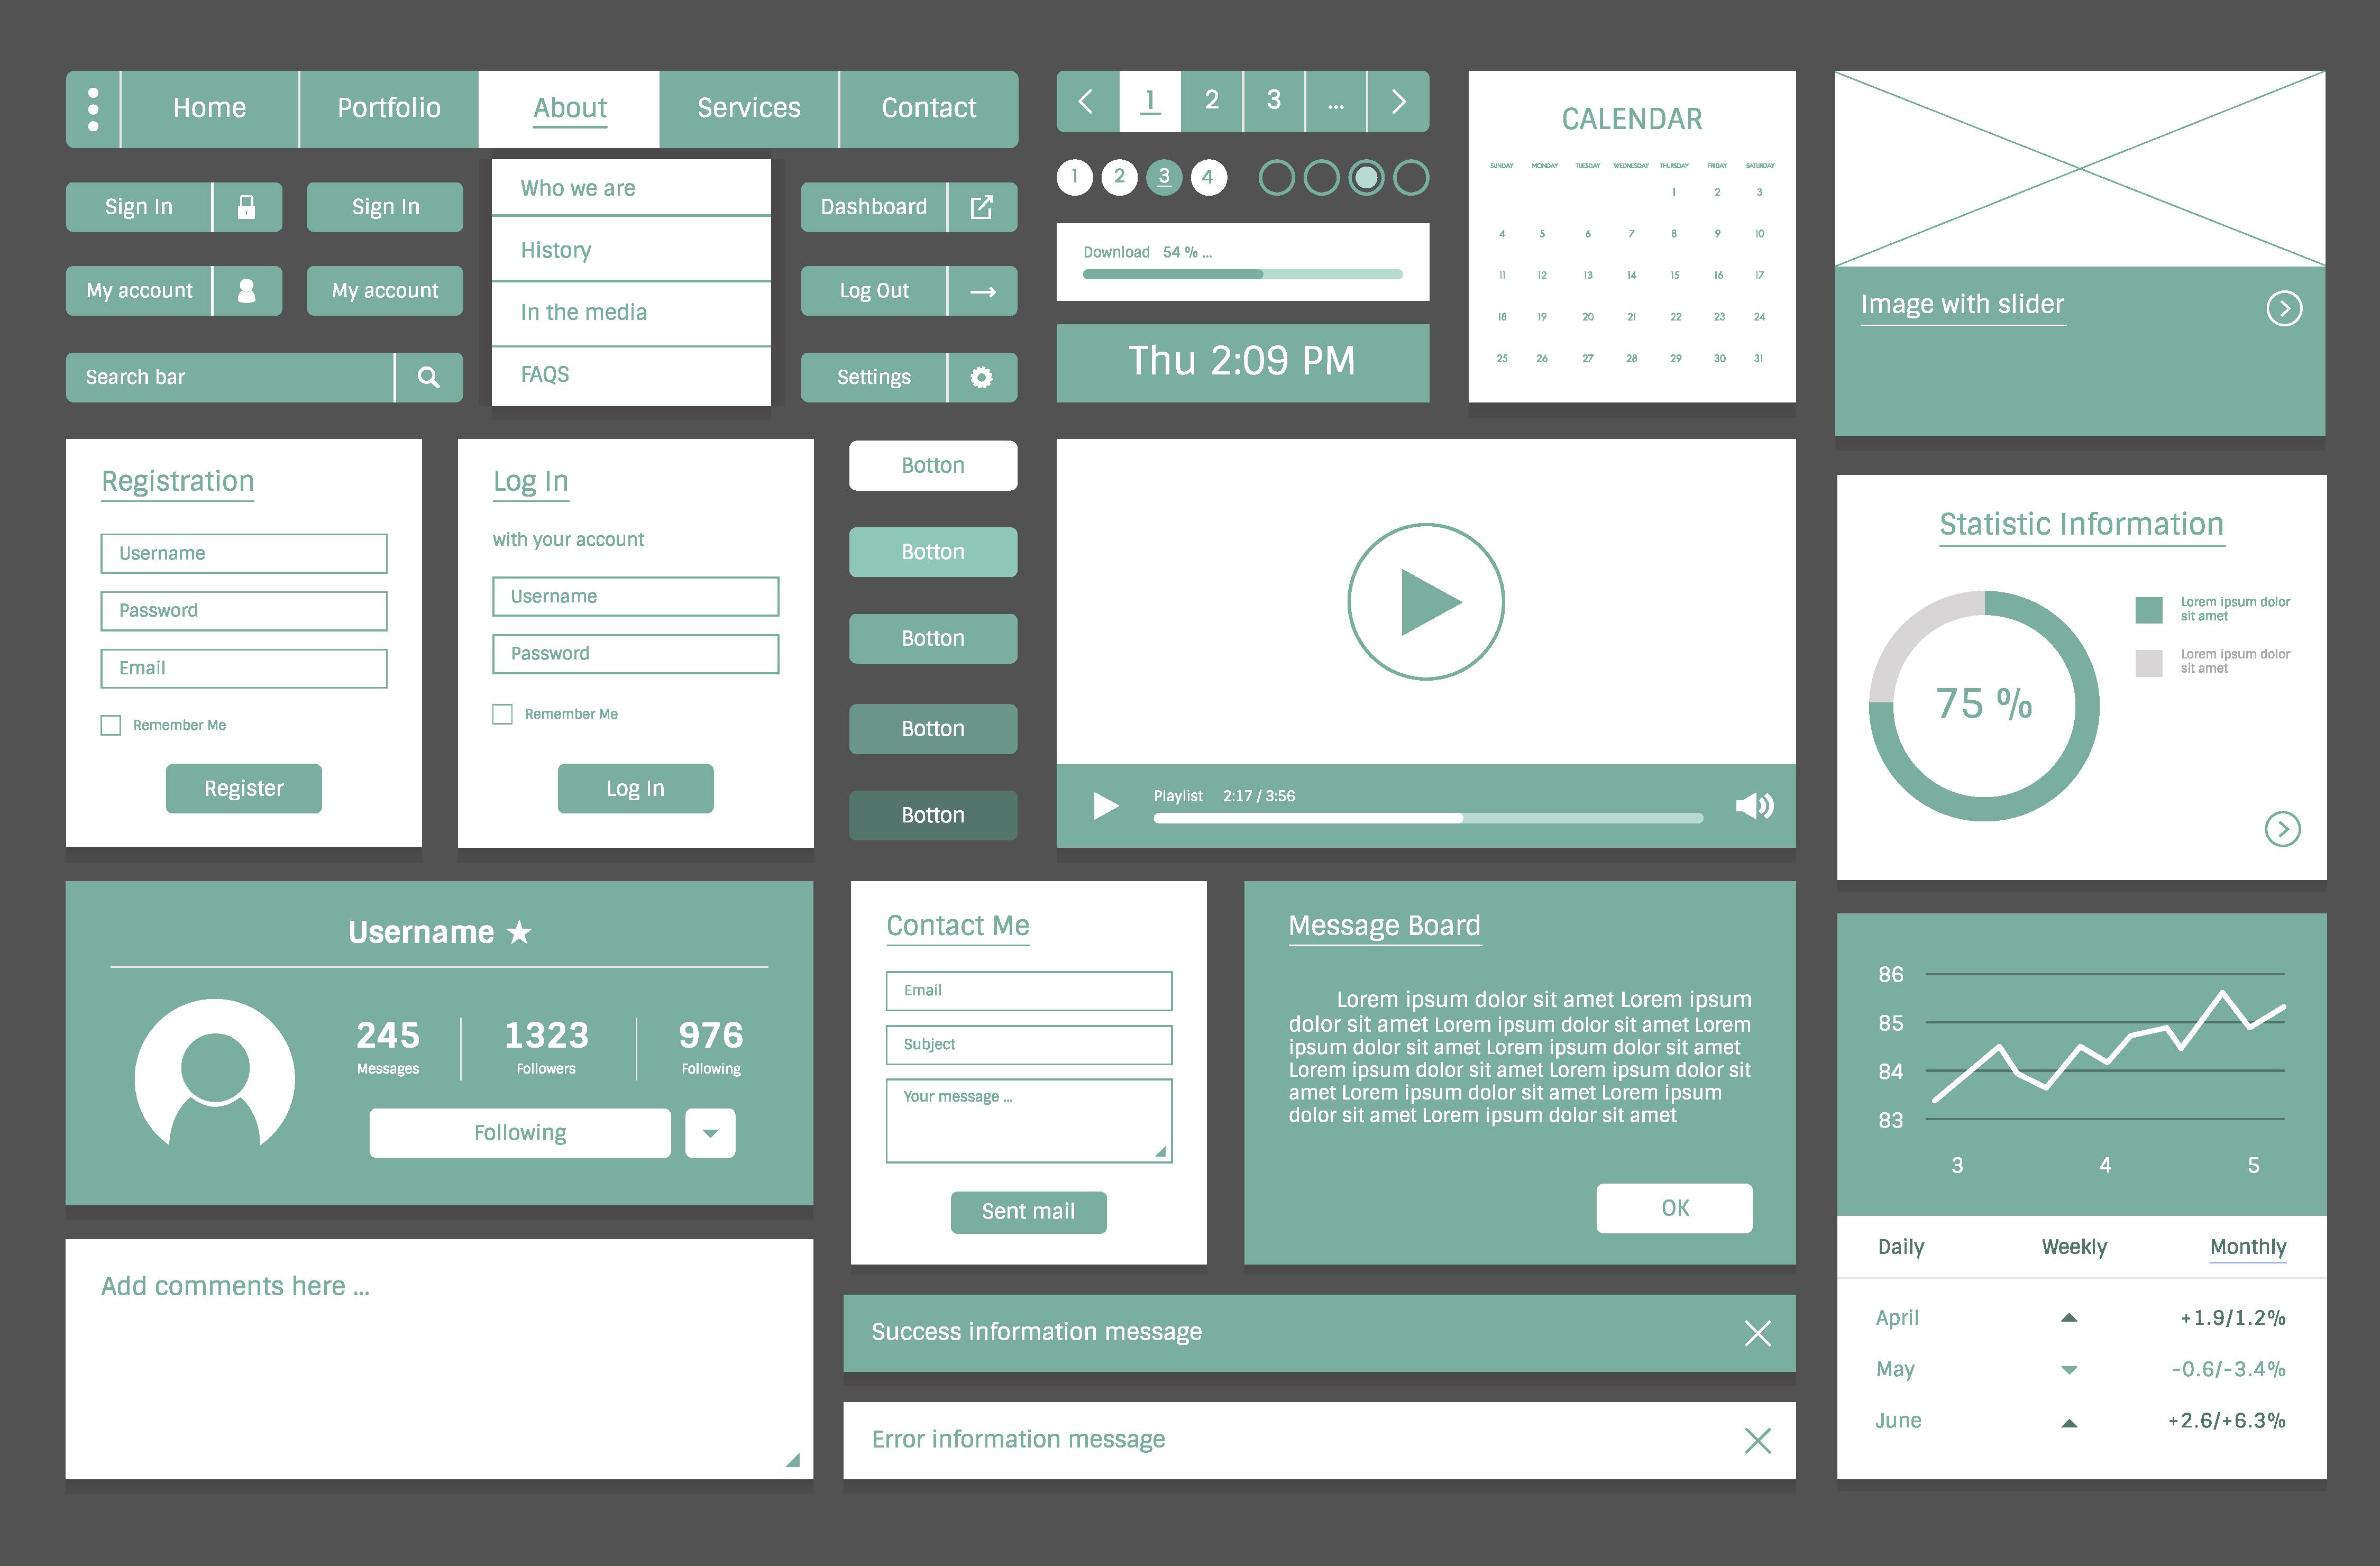 Website design template layout illustration Download